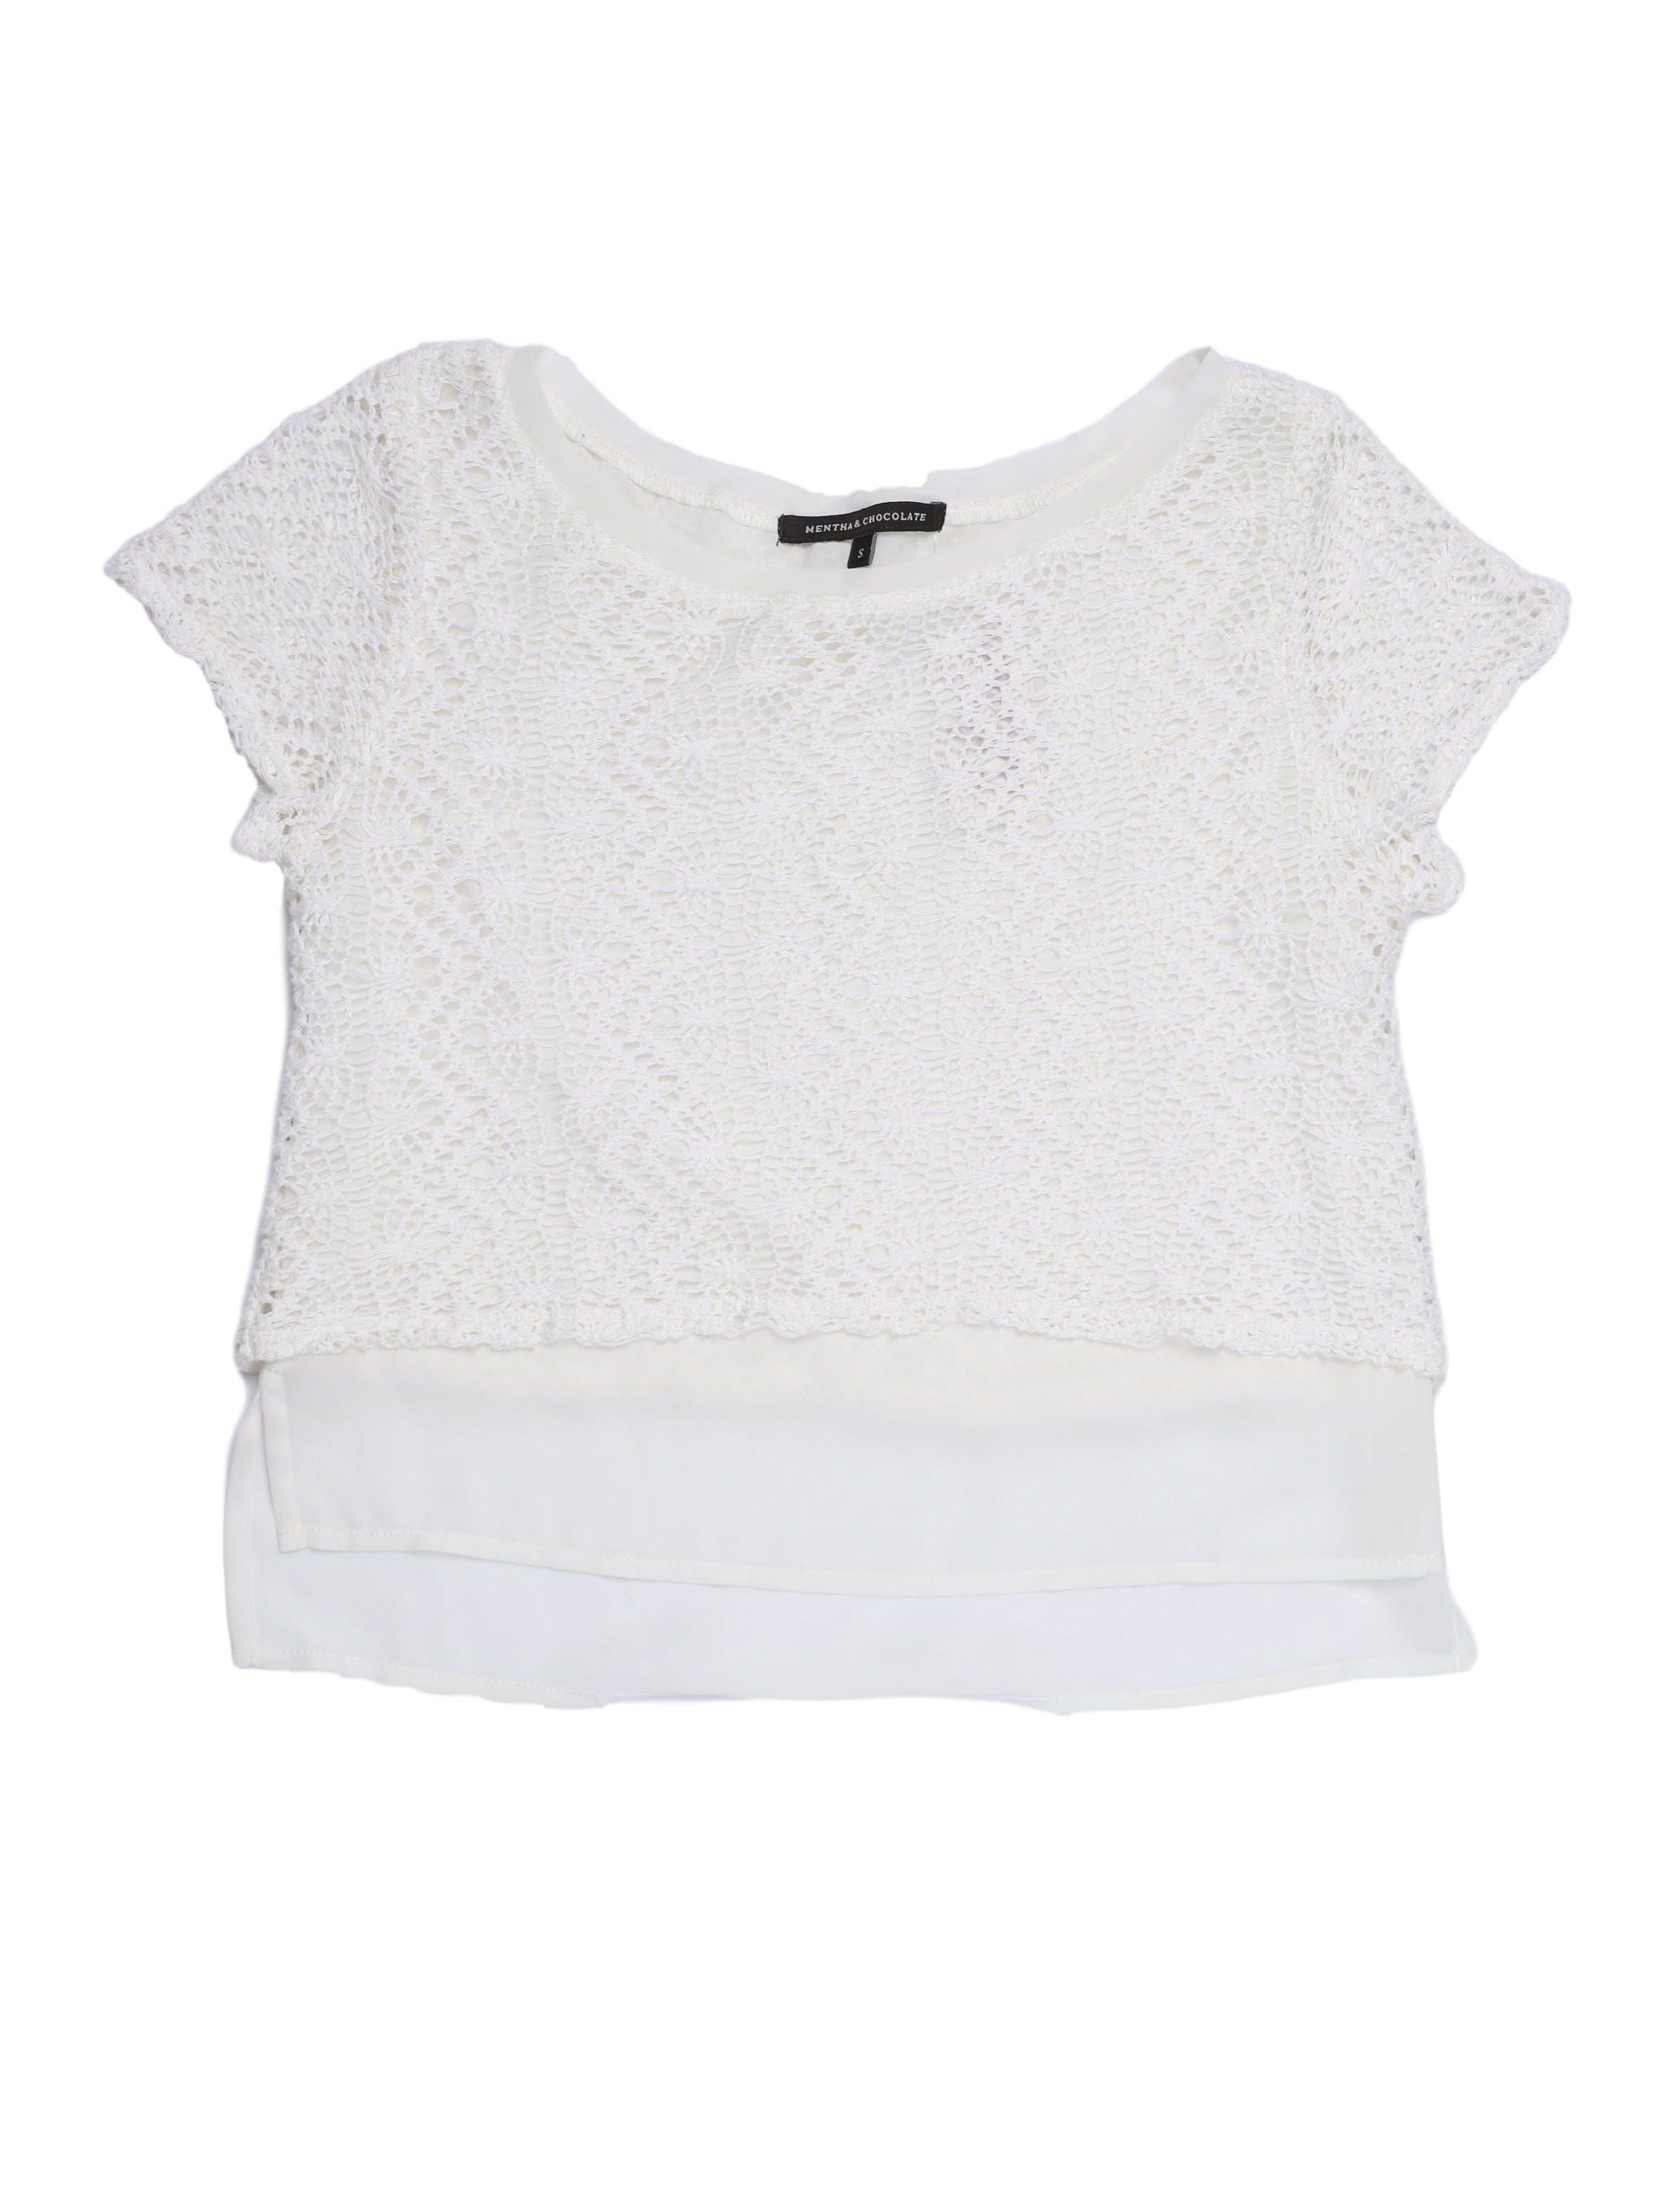 Blusa corta Mentha&chocolate tipo tejida blanca con capa interior de gasa. Busto 90 cm. Precio original S/ 150